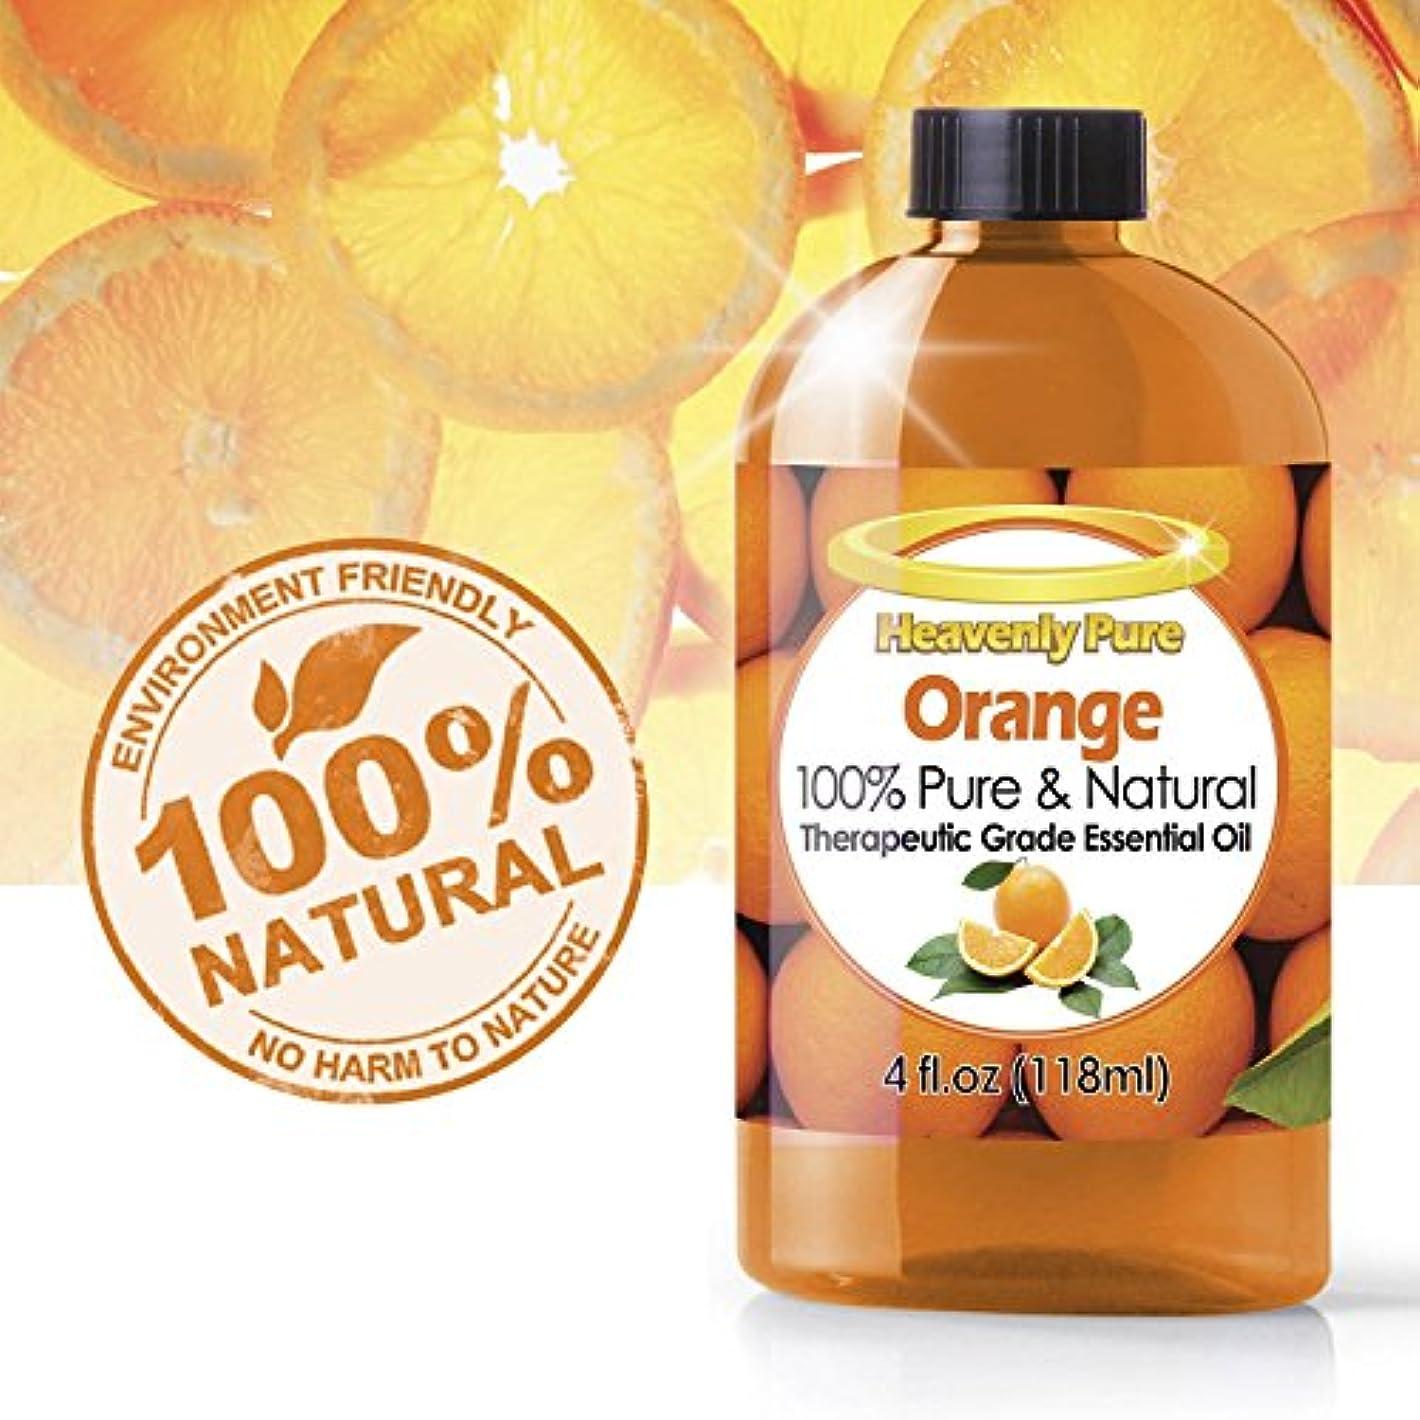 シート声を出して分配しますオレンジエッセンシャルオイル(HUGE 4 OZ)アイドロップ剤 - 100%ピュア&ナチュラルスイートシトラスアロマ - 治療グレード - オレンジオイルはアロマセラピー、イミュニティ、天然抗菌、および洗浄に最適です